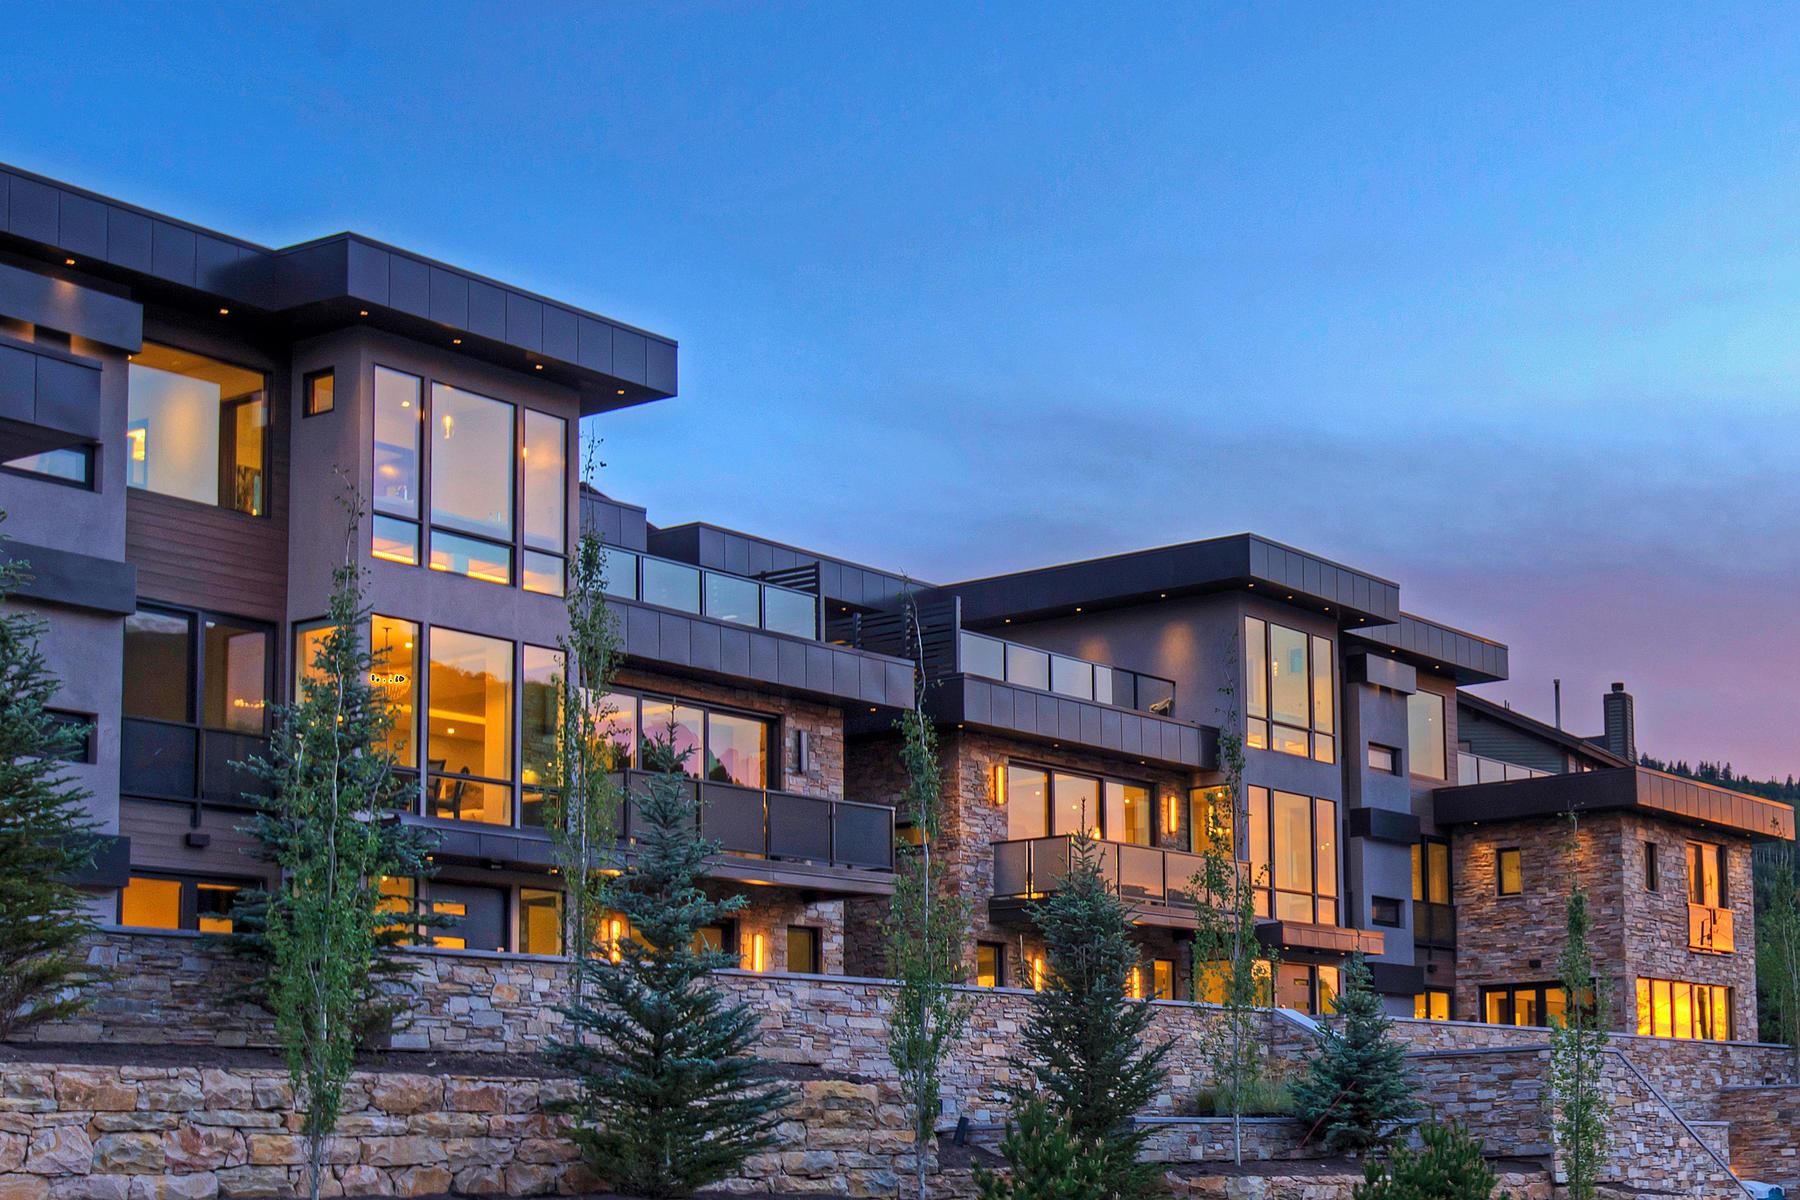 Кондоминиум для того Продажа на New Contemporary Construction in Old Town 300 Deer Valley Lp #D Park City, Юта, 84060 Соединенные Штаты